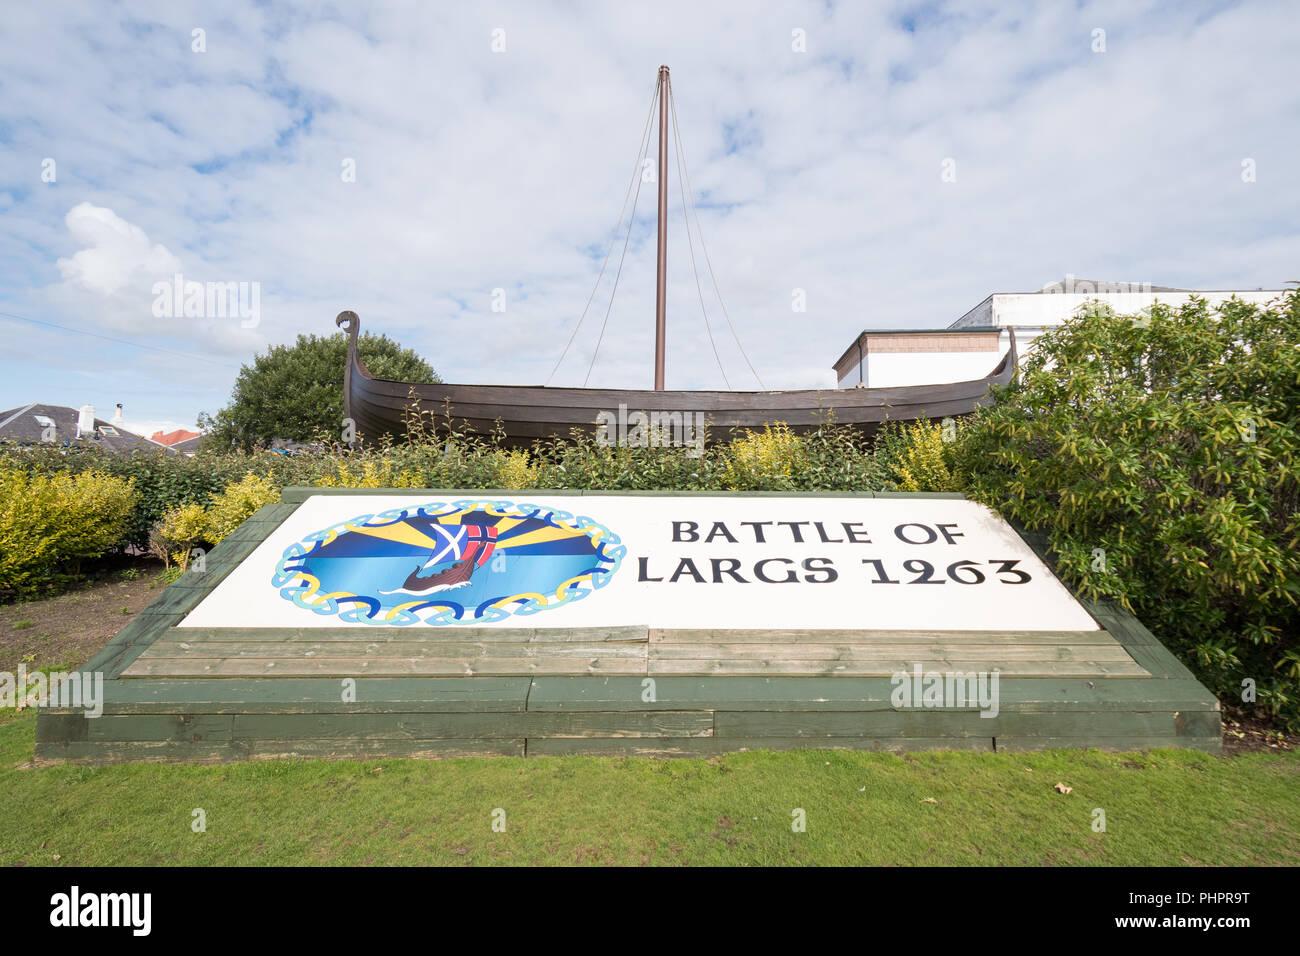 Schlacht bei Largs 1263 Zeichen außerhalb Vikingar viking Erfahrung, Largs,  Schottland, Großbritannien Stockbild